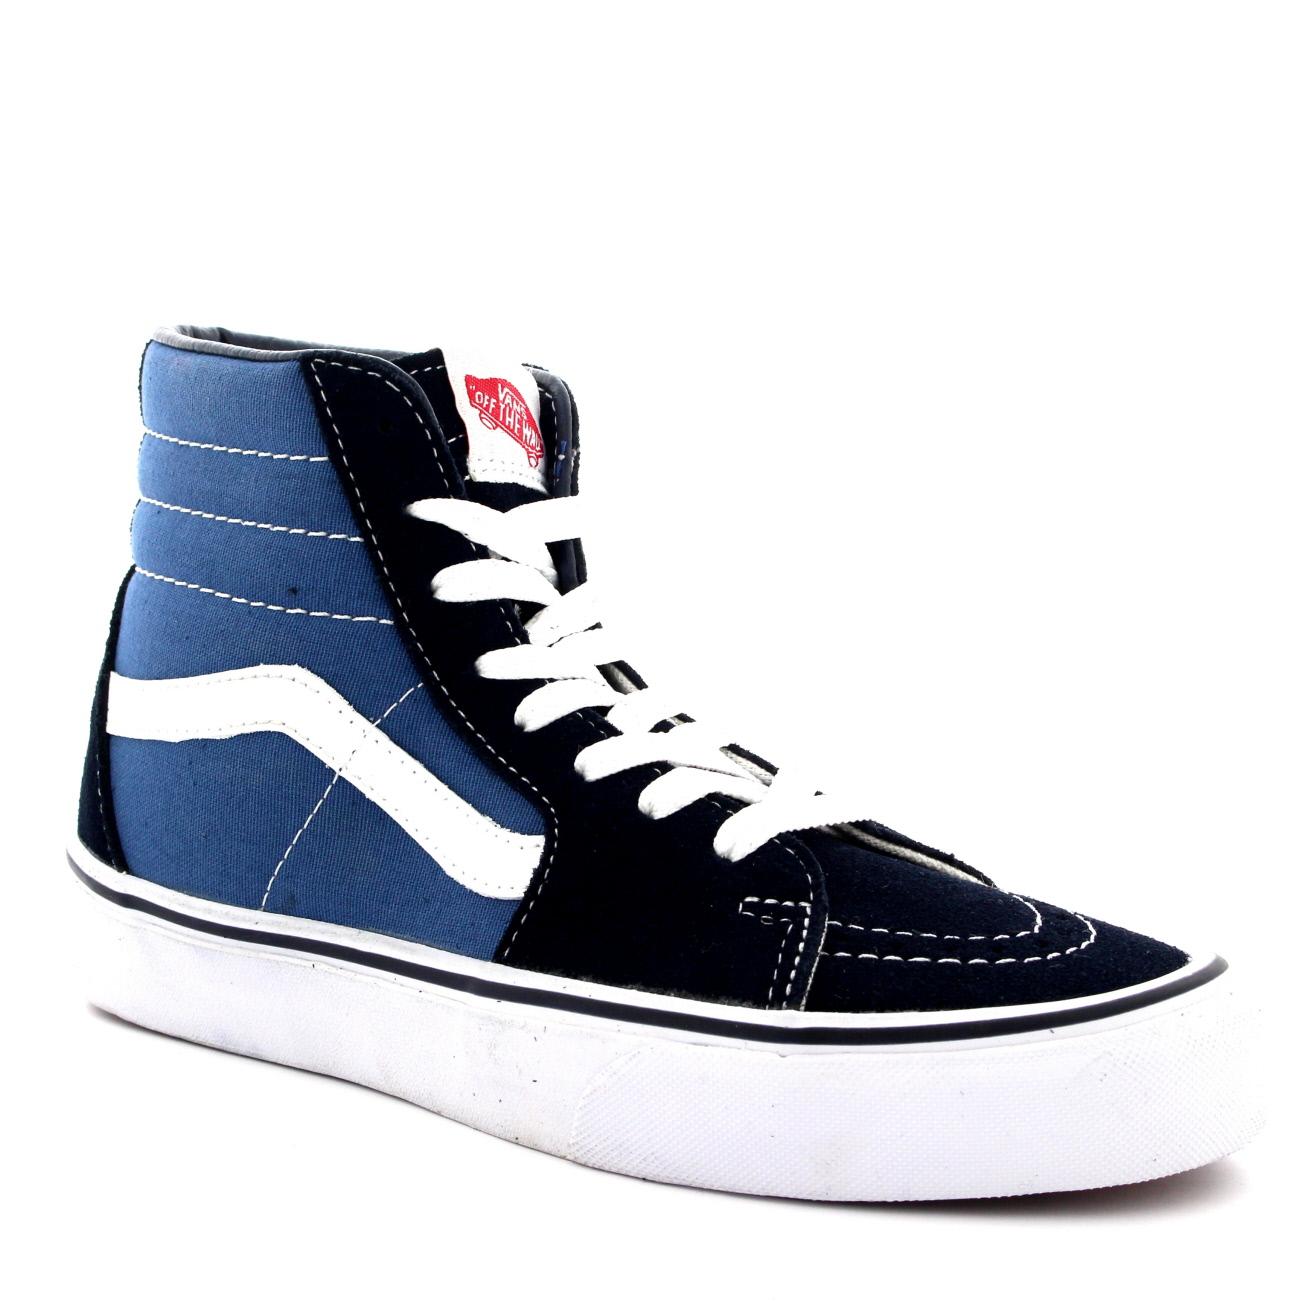 Unisex Adults Vans Sk8-Hi Lace Up High Top Canvas Skate Shoes ... 6858d7031